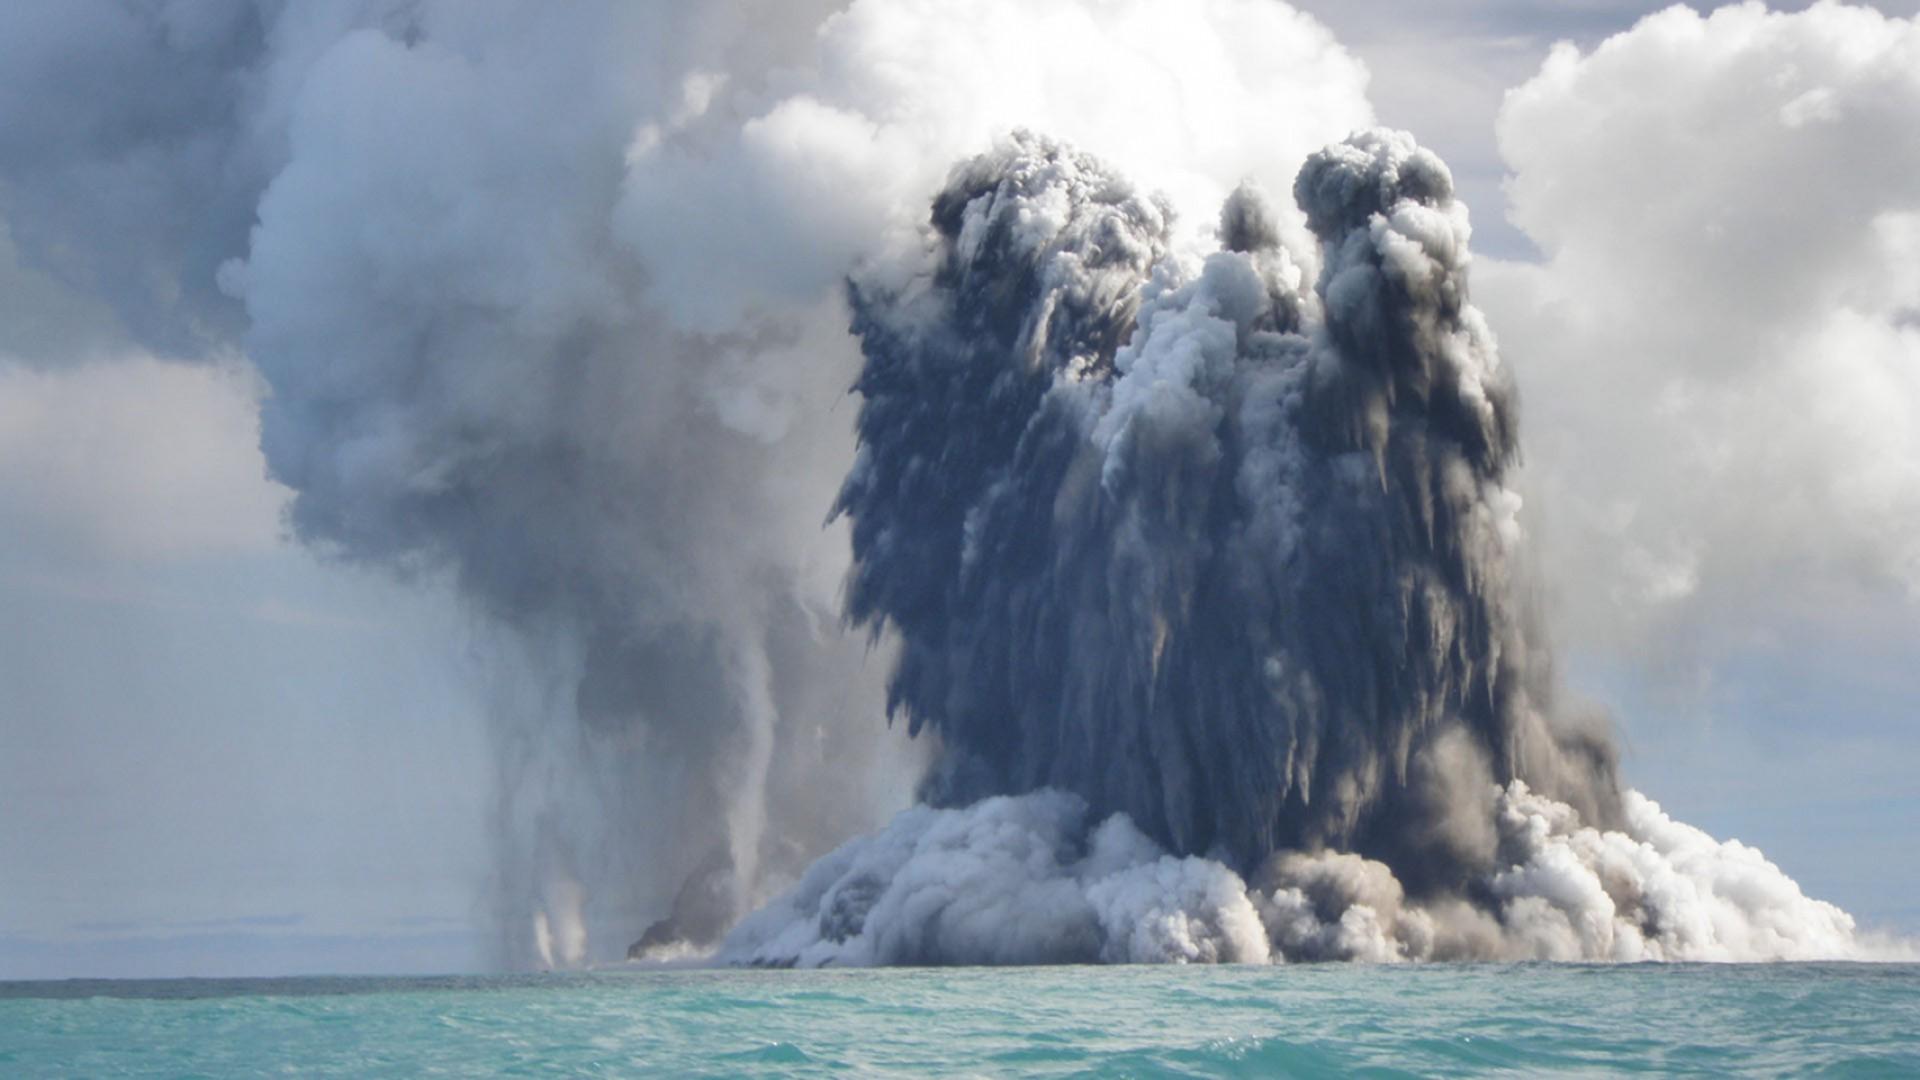 underwater volcano pictures - HD1920×1080